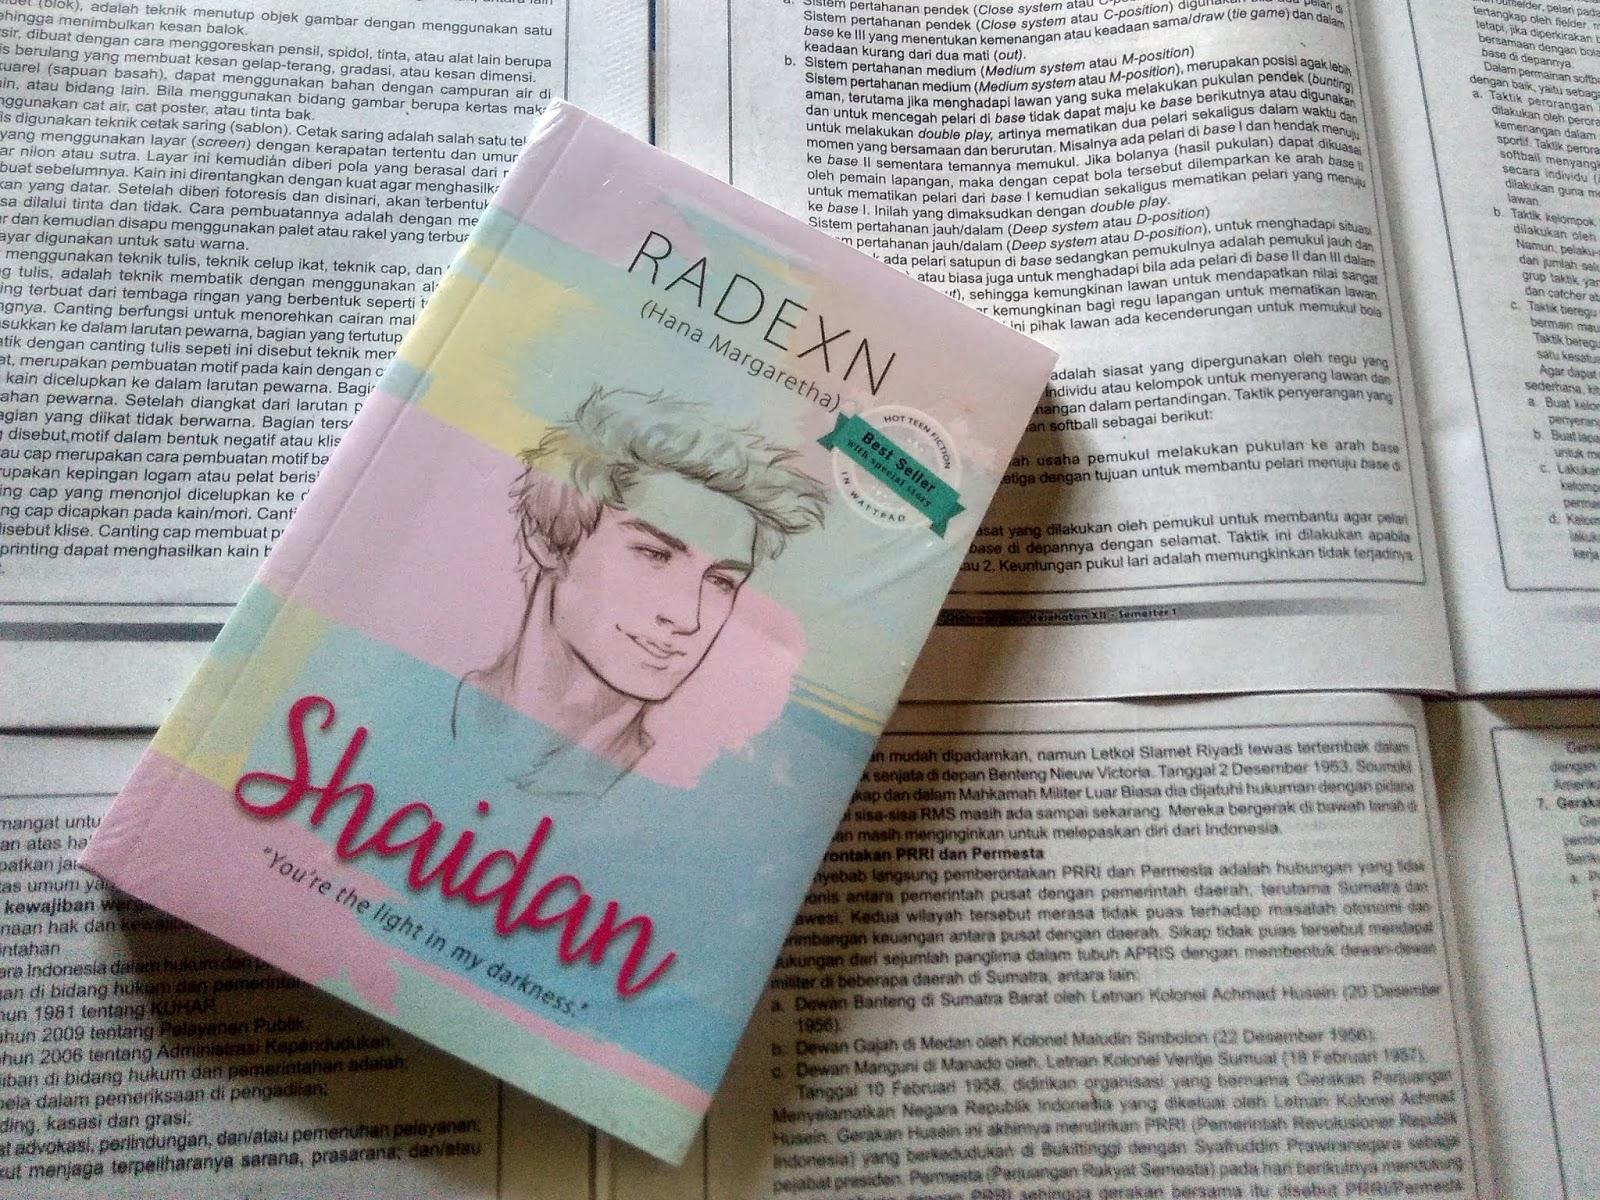 Review Buku Shaidan by Radexn